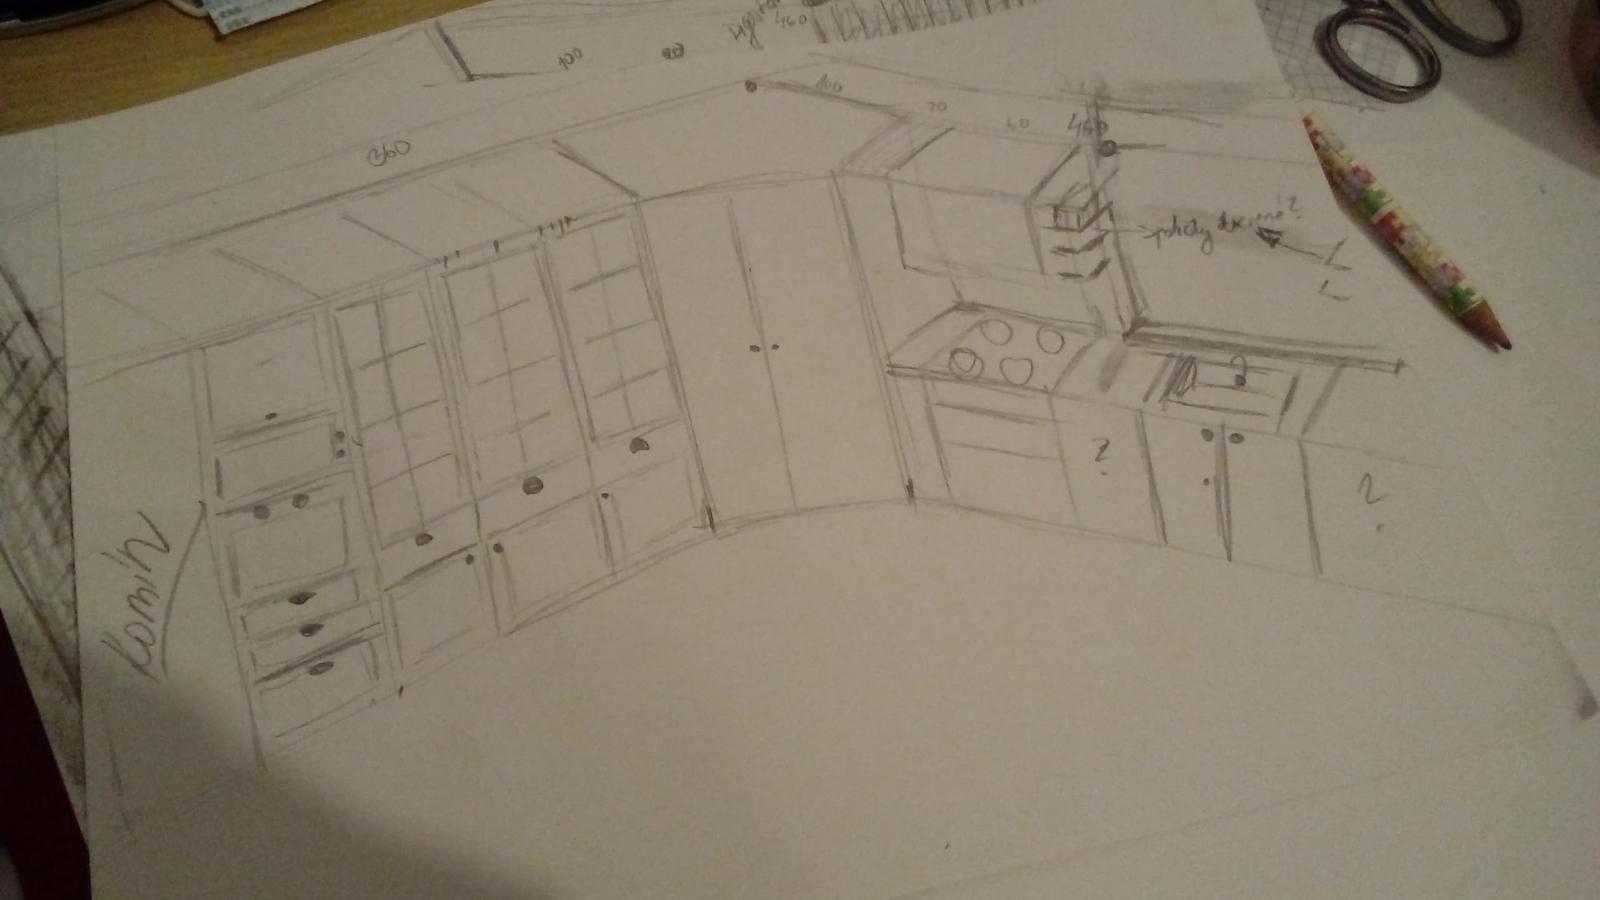 Moje kráľovstvo v kráľovskej modrej. - Moj prvý návrh kuchyne. je to veľmi nepresné, potrebovala by som to dostať na štvorčekový papier. Kuchyňa má veľkosť 360x460.Na stene, ktorá ma 360 sa nacháza komín zamurovaný vo velkosti 70 cm na širku.Na strane 460 je okno 150 cmod spoločnej steny